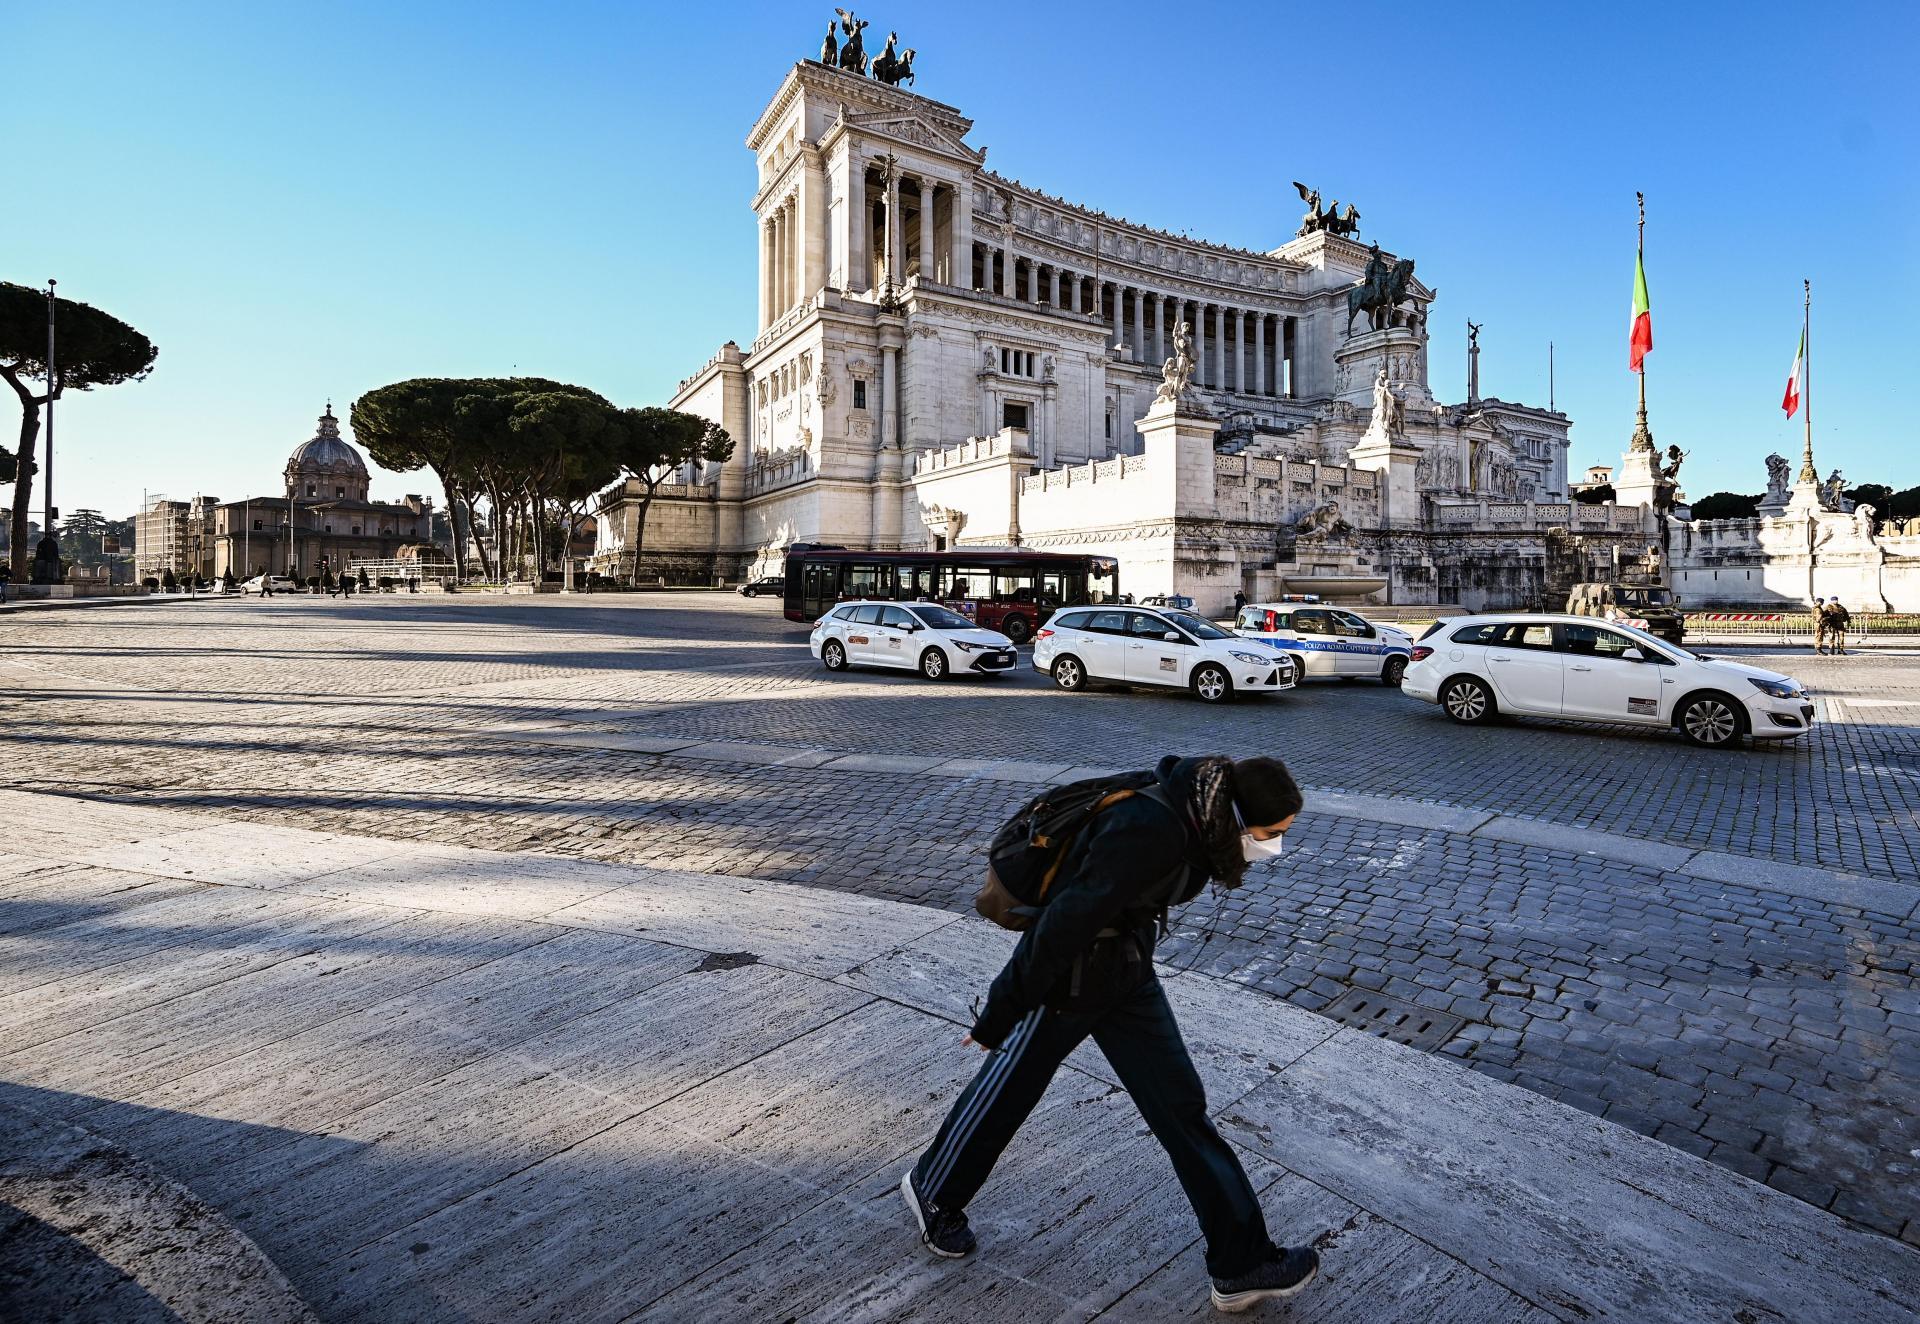 A woman wearing a respiratory mask walks past the Altare della Patria - Vittorio Emanuele II monument on Piazza Venezia in downtown Rome.